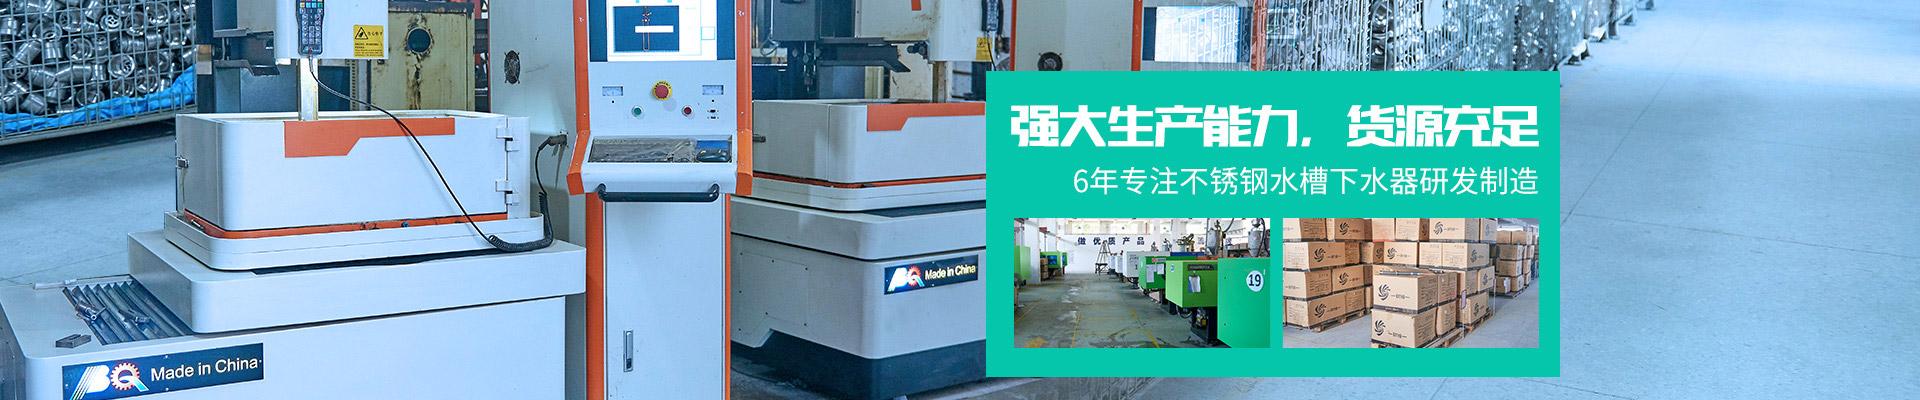 欧顺诺-6年专注不锈钢水槽下水器研发制造